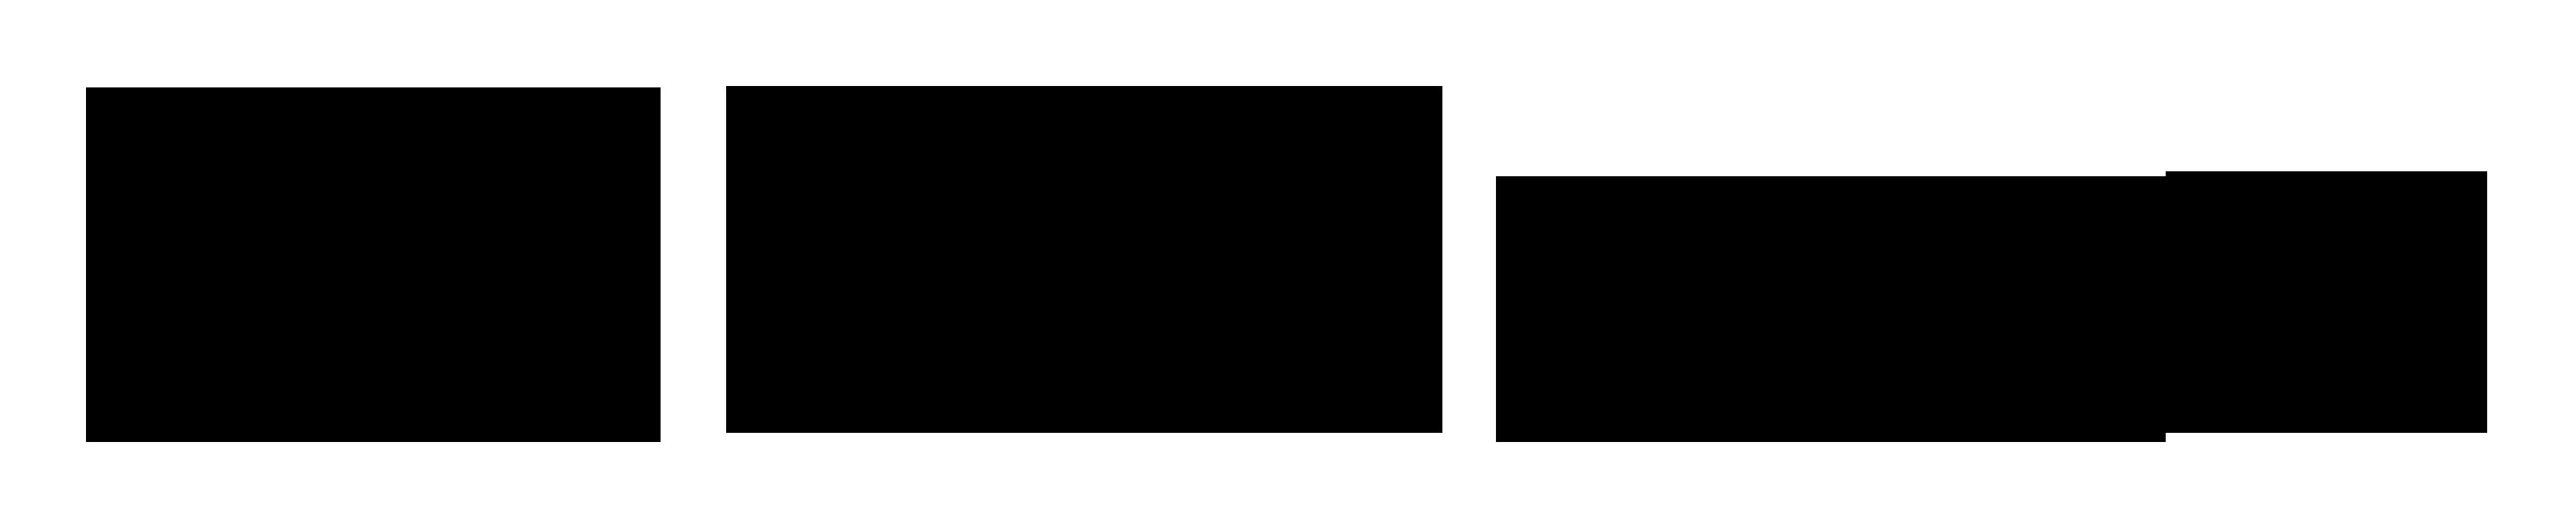 diversity-vc logo.png